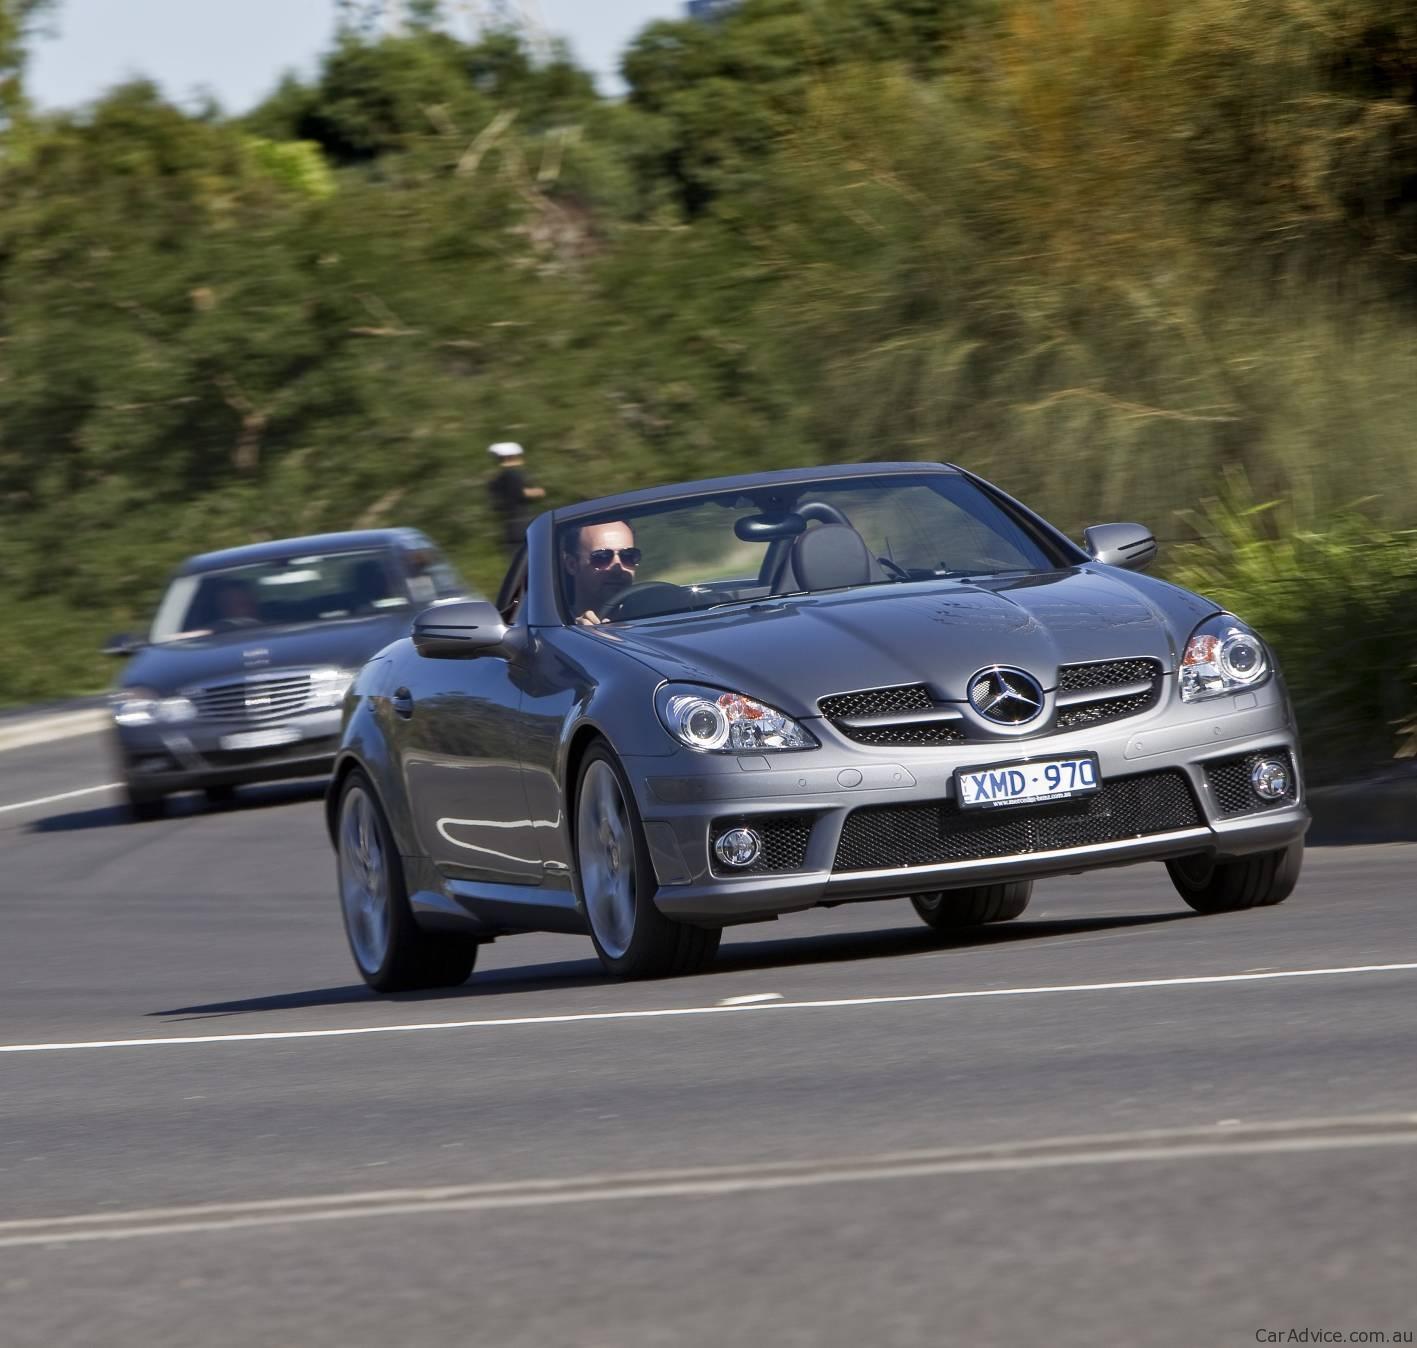 2010 mercedes benz slk 300 roadster introduced fourth model in range